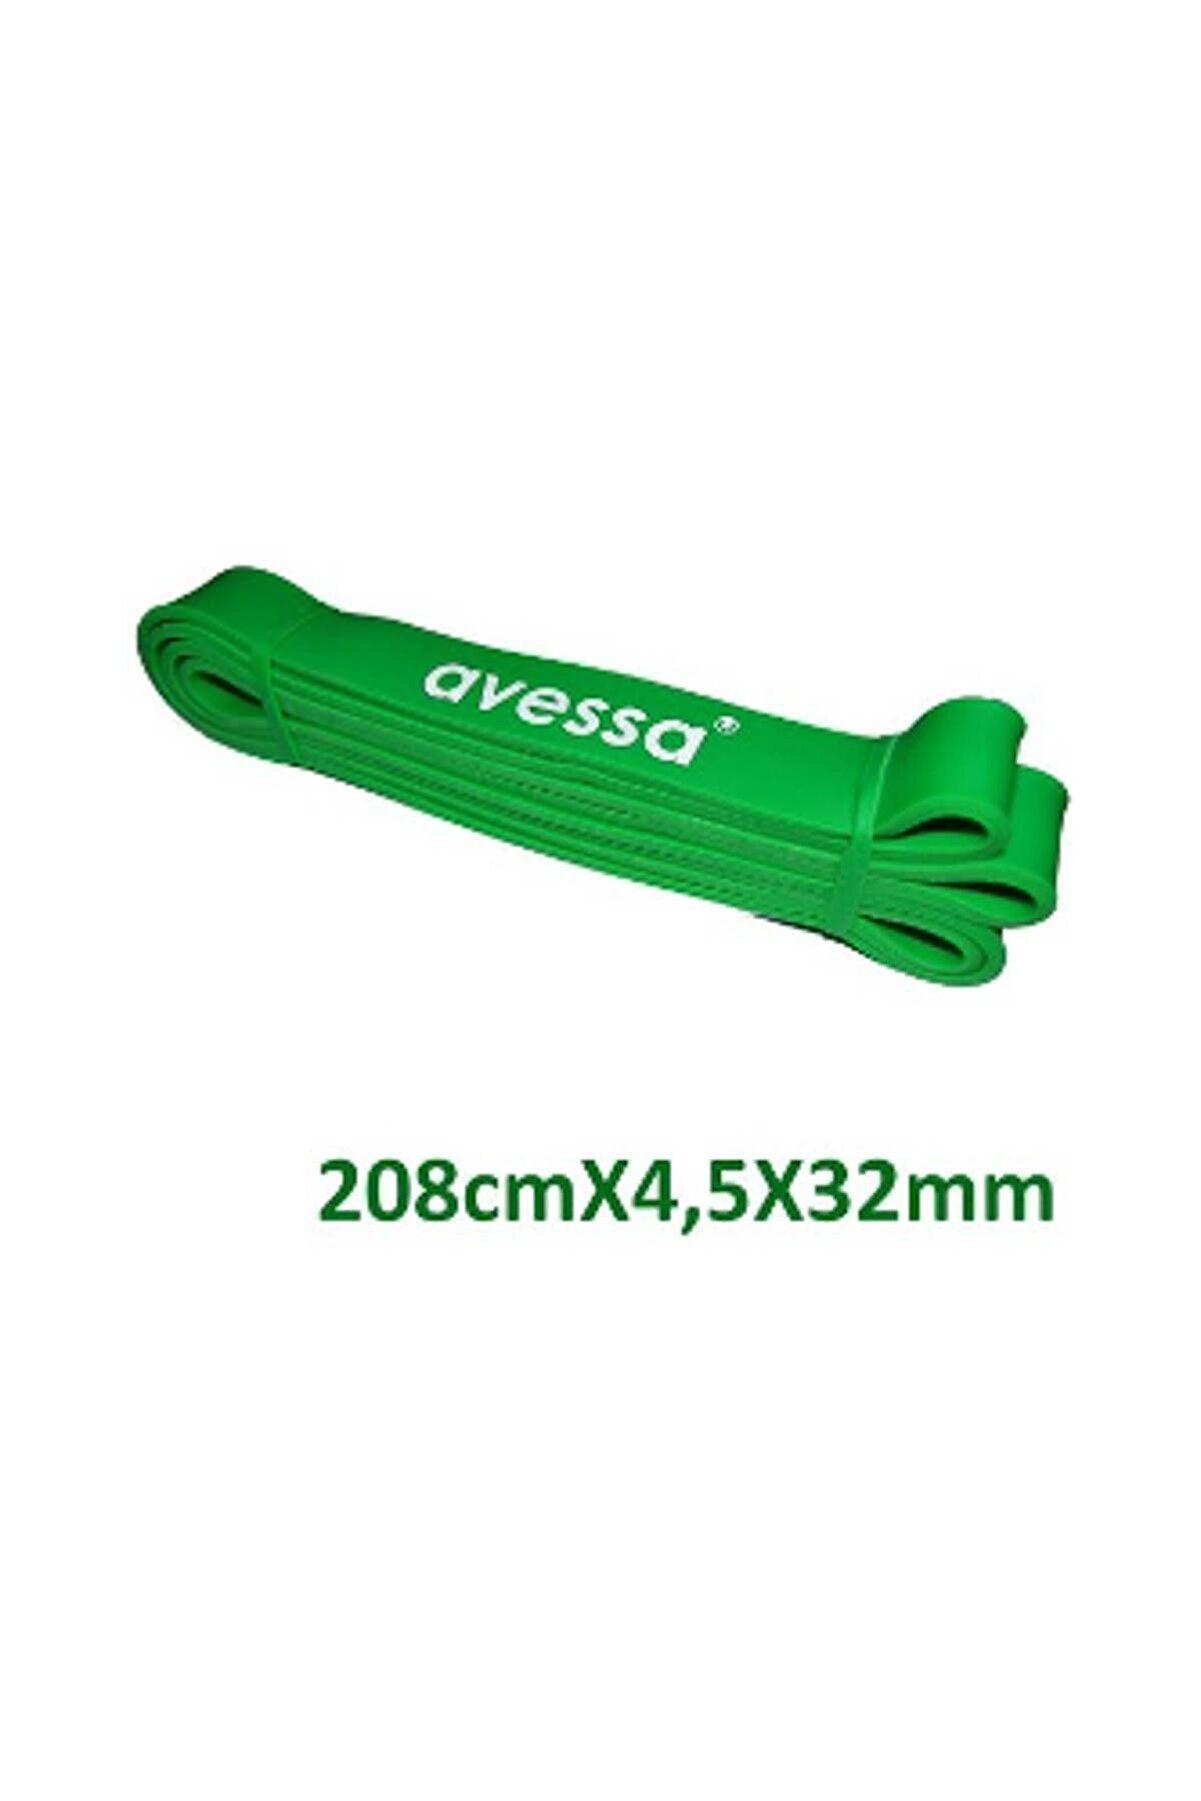 Avessa Latex Güç Bandı Direnç Lastiği Yeşil Lpb32